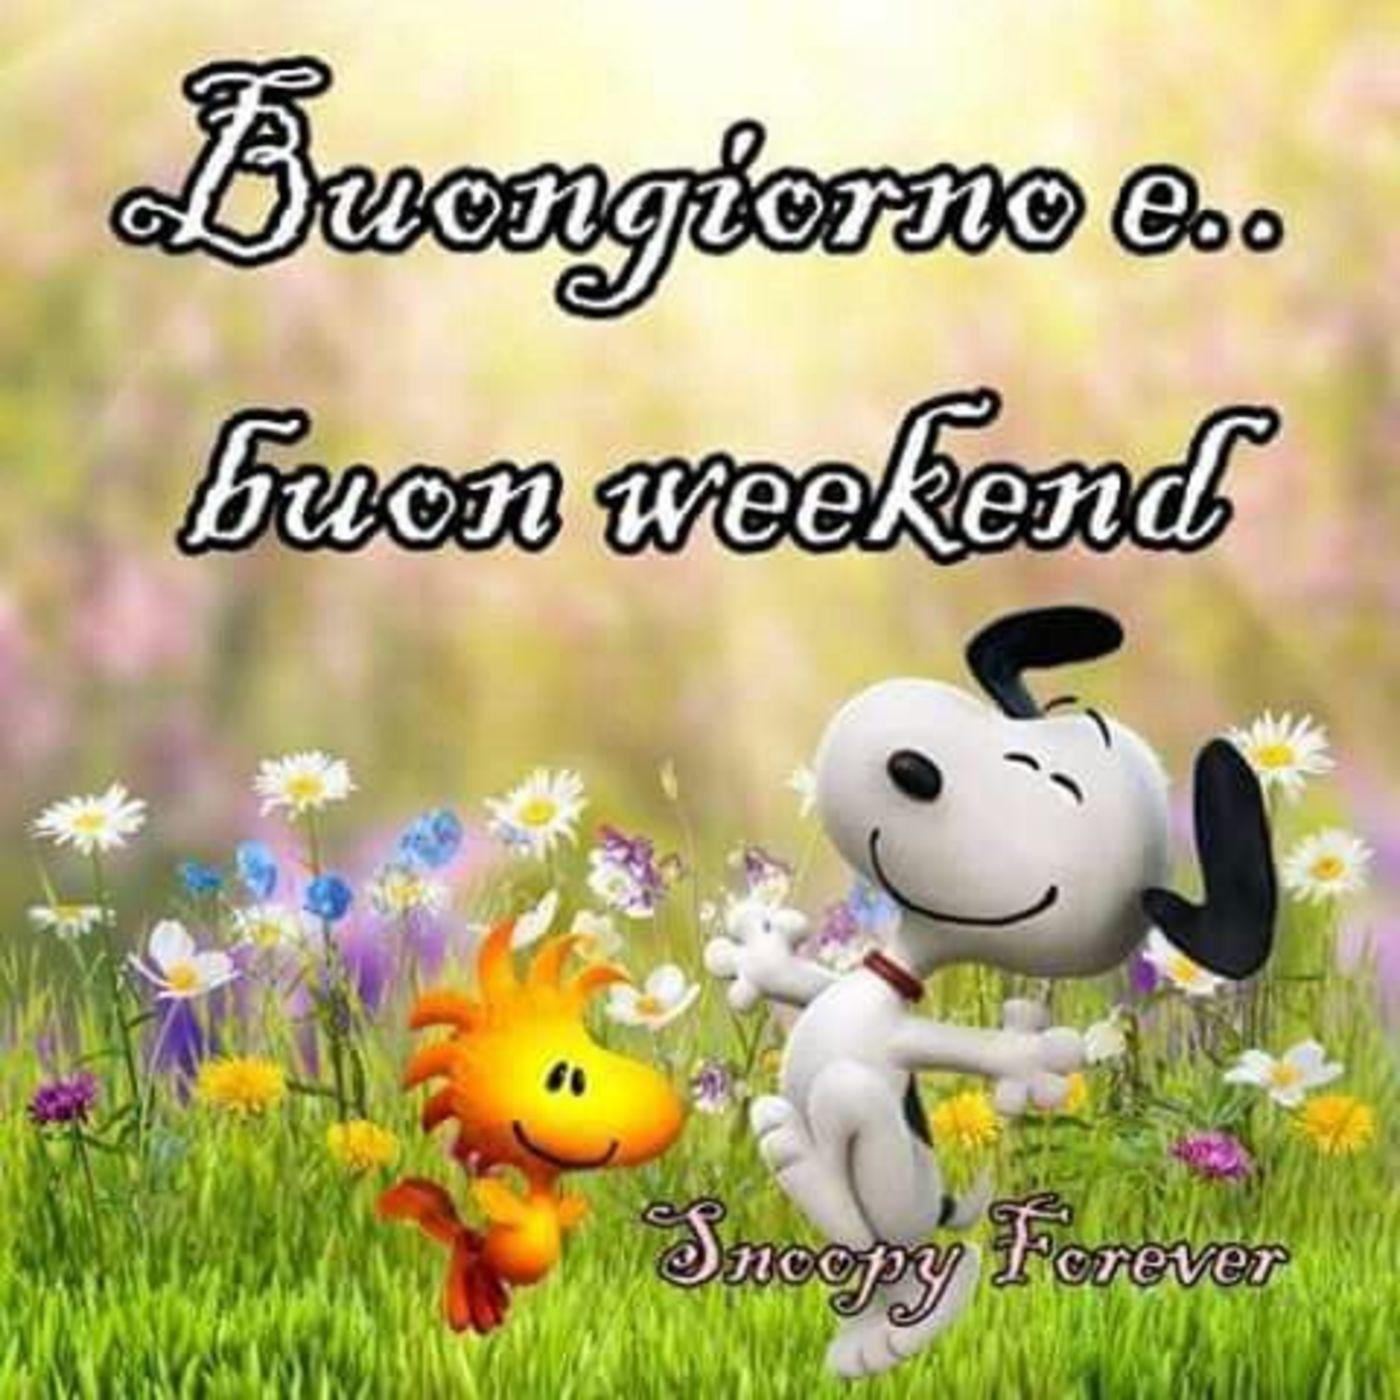 Buon fine settimana archives pagina 3 di 31 for Buon weekend immagini simpatiche